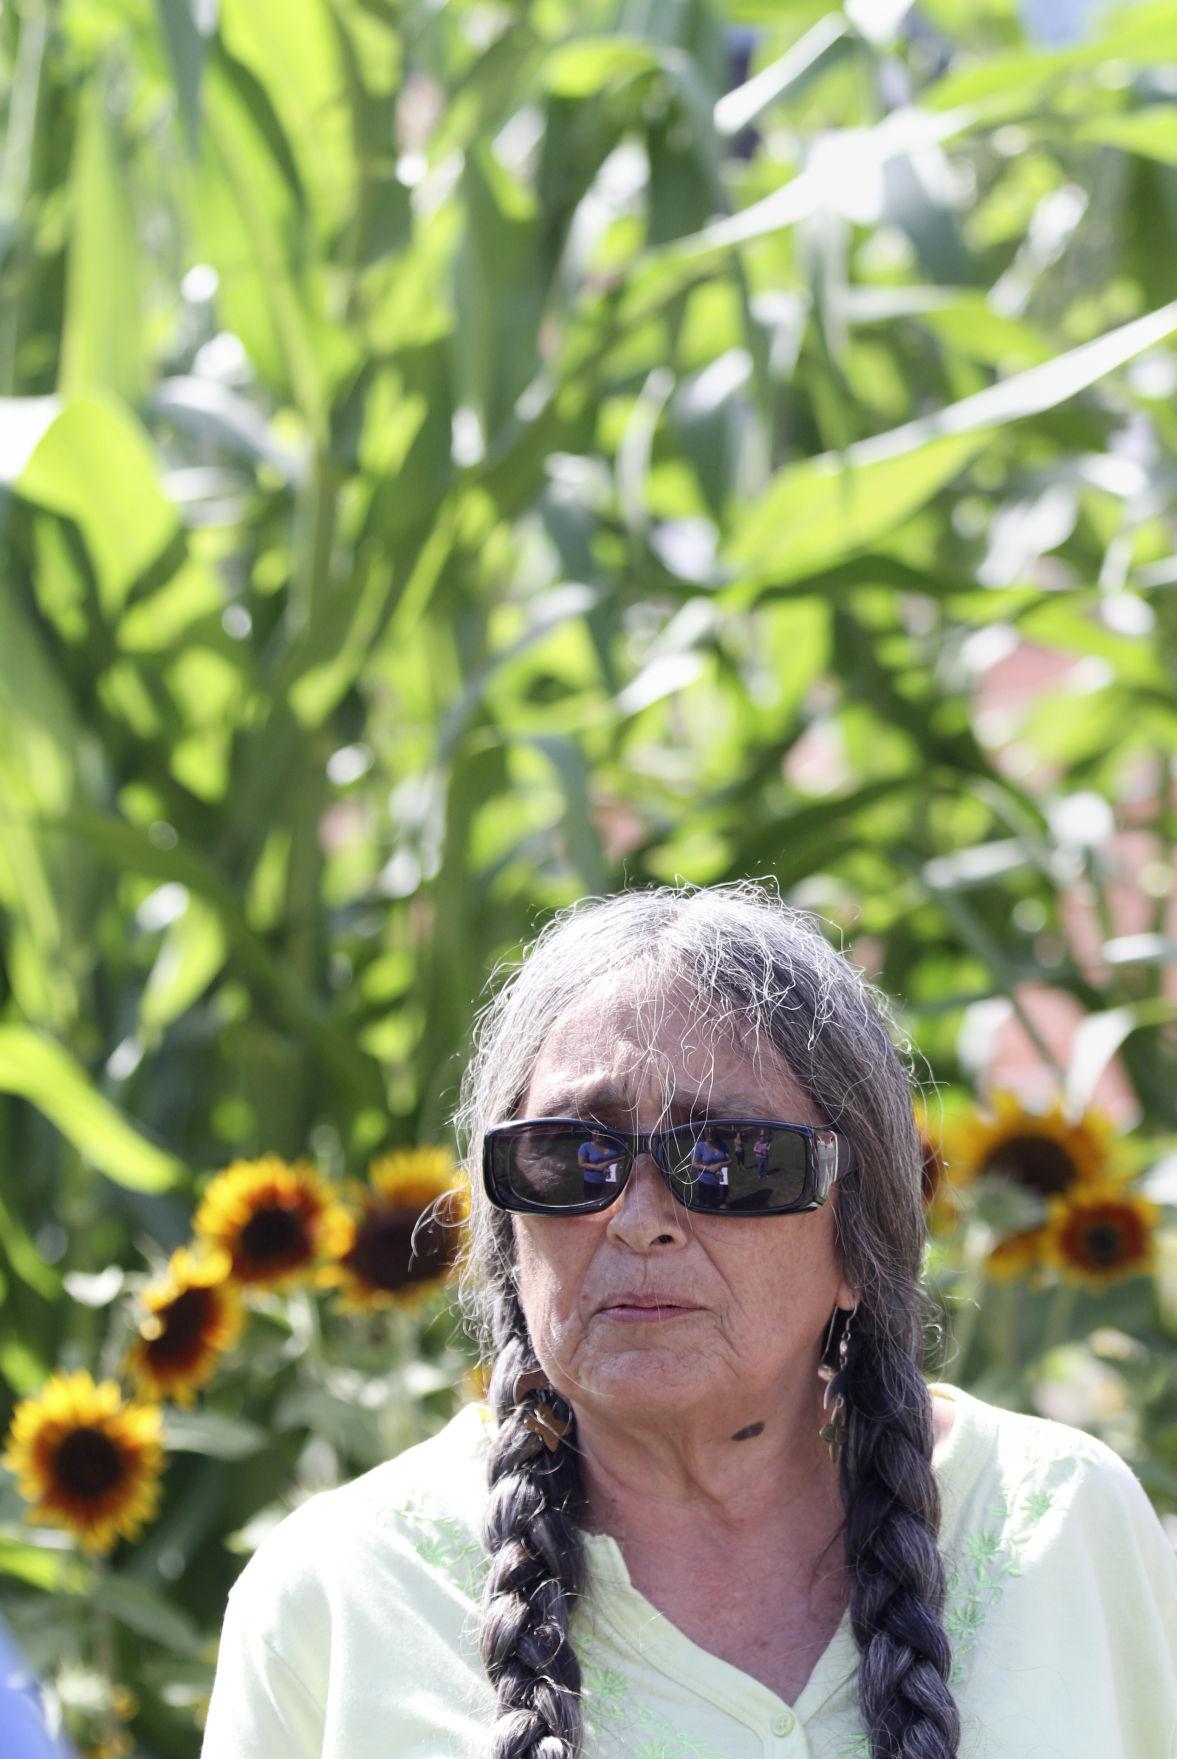 Pawnee Corn 3